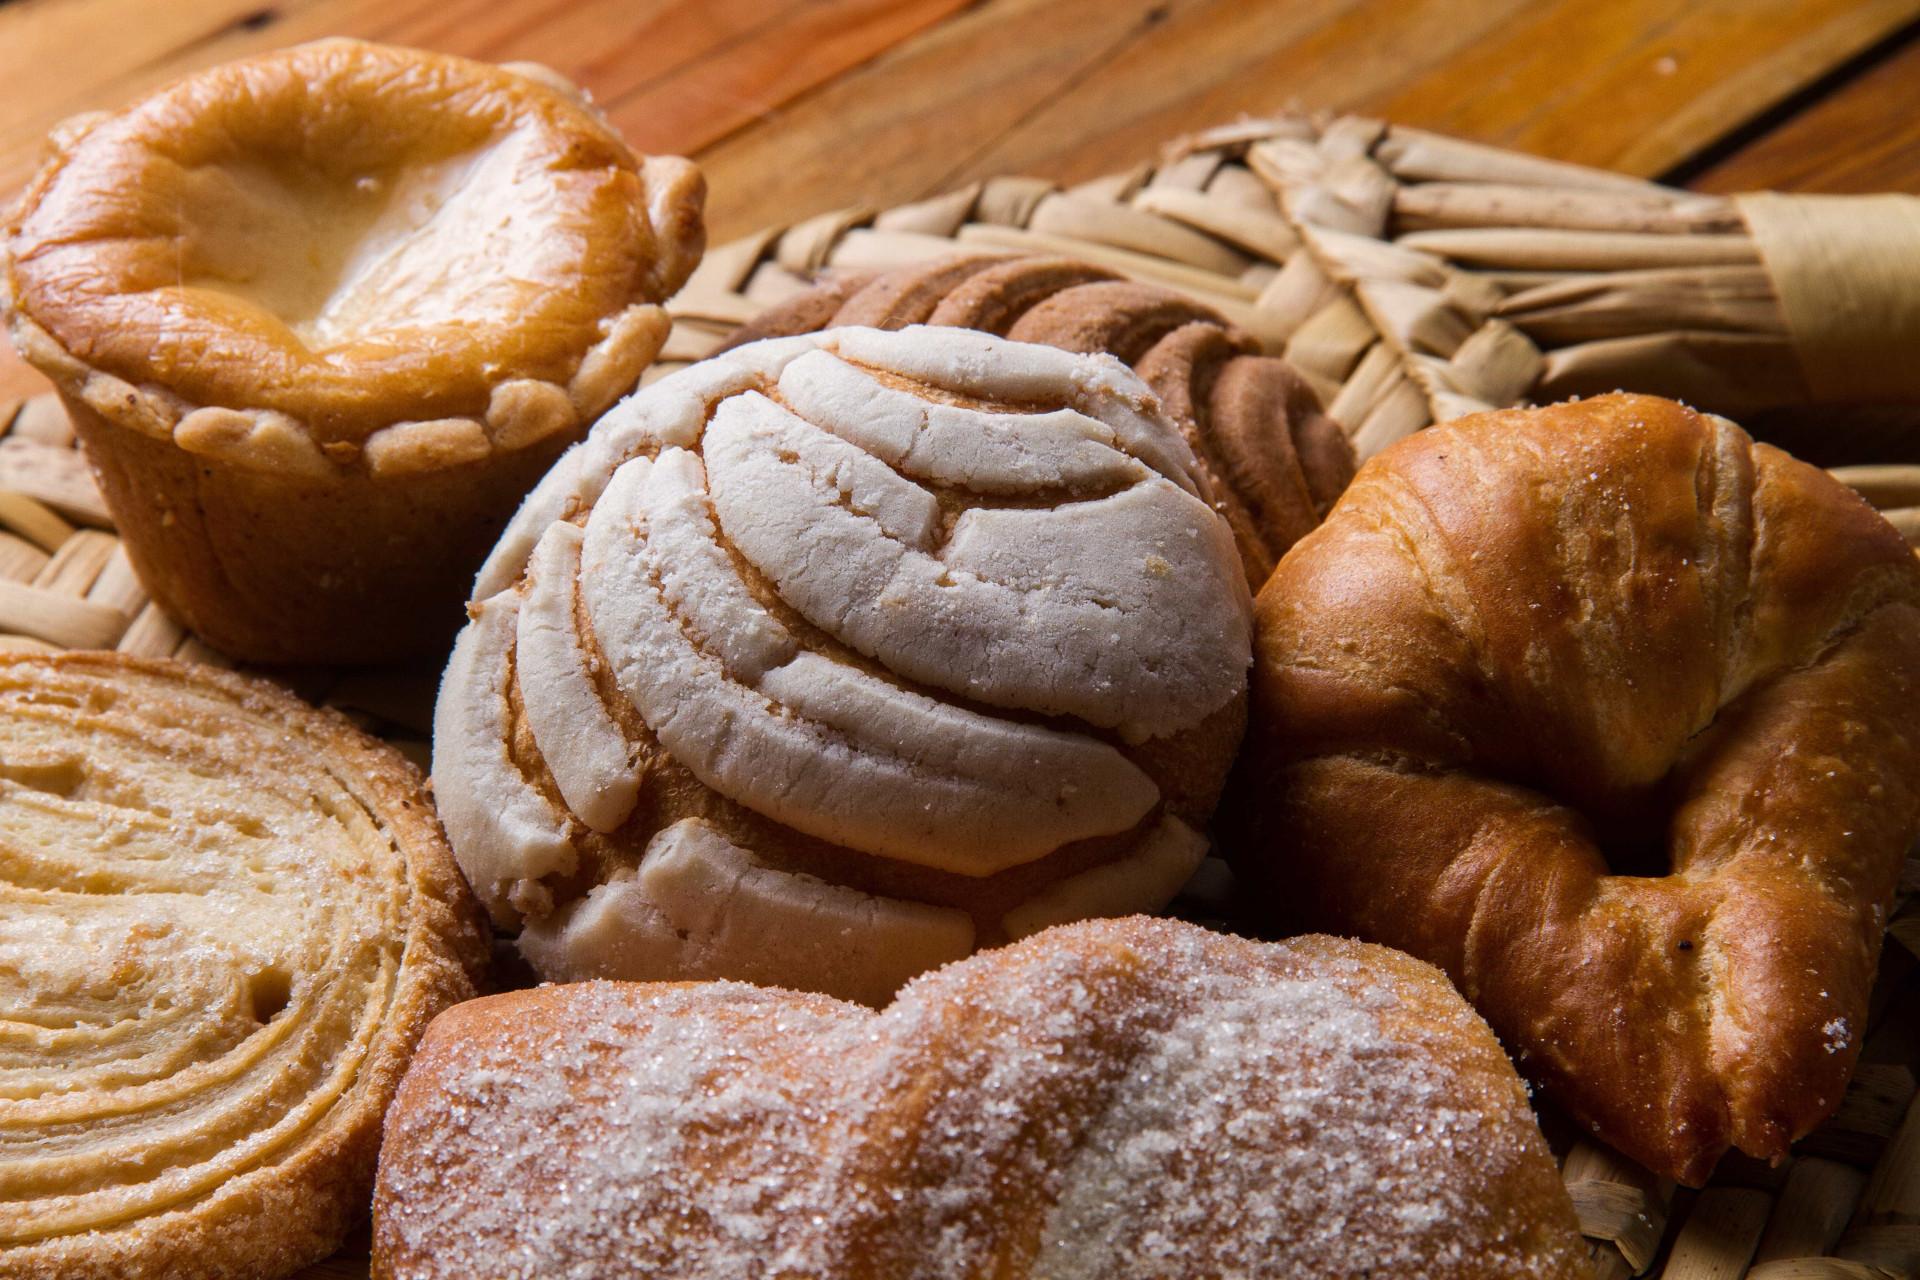 Sabia que estes alimentos são geneticamente modificados?